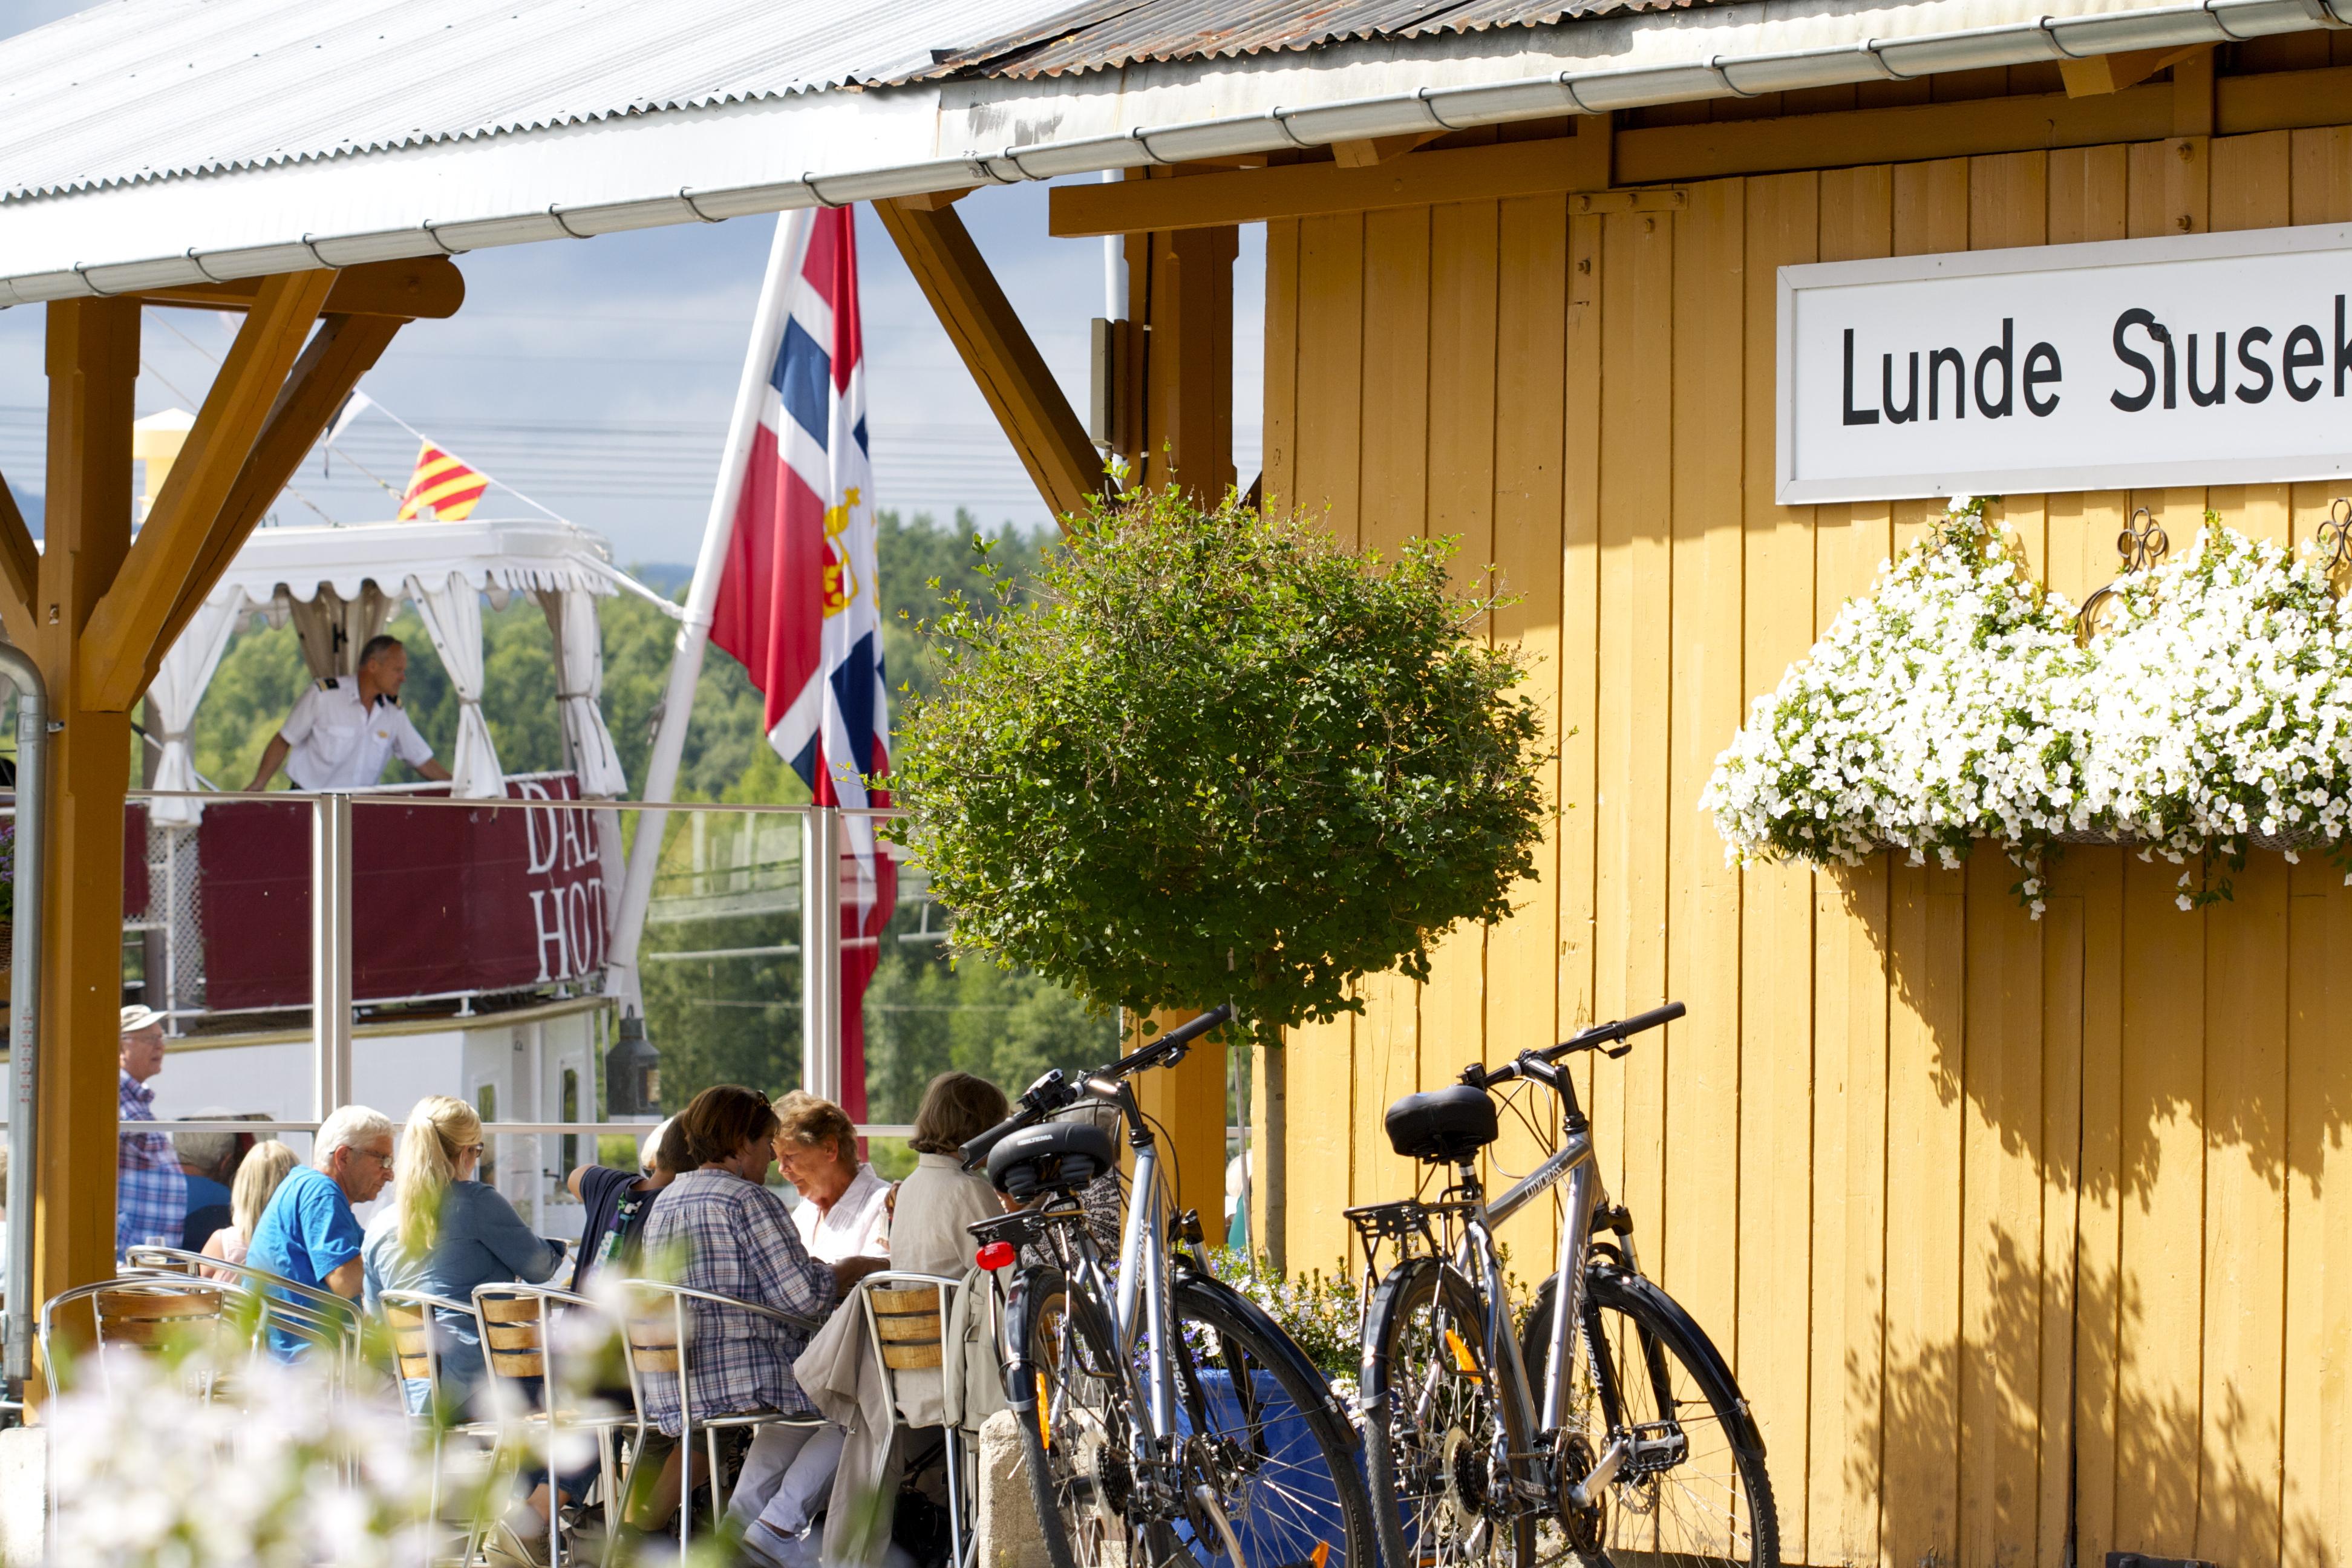 Lunde Slusekro, © Telemark Kanalcamping